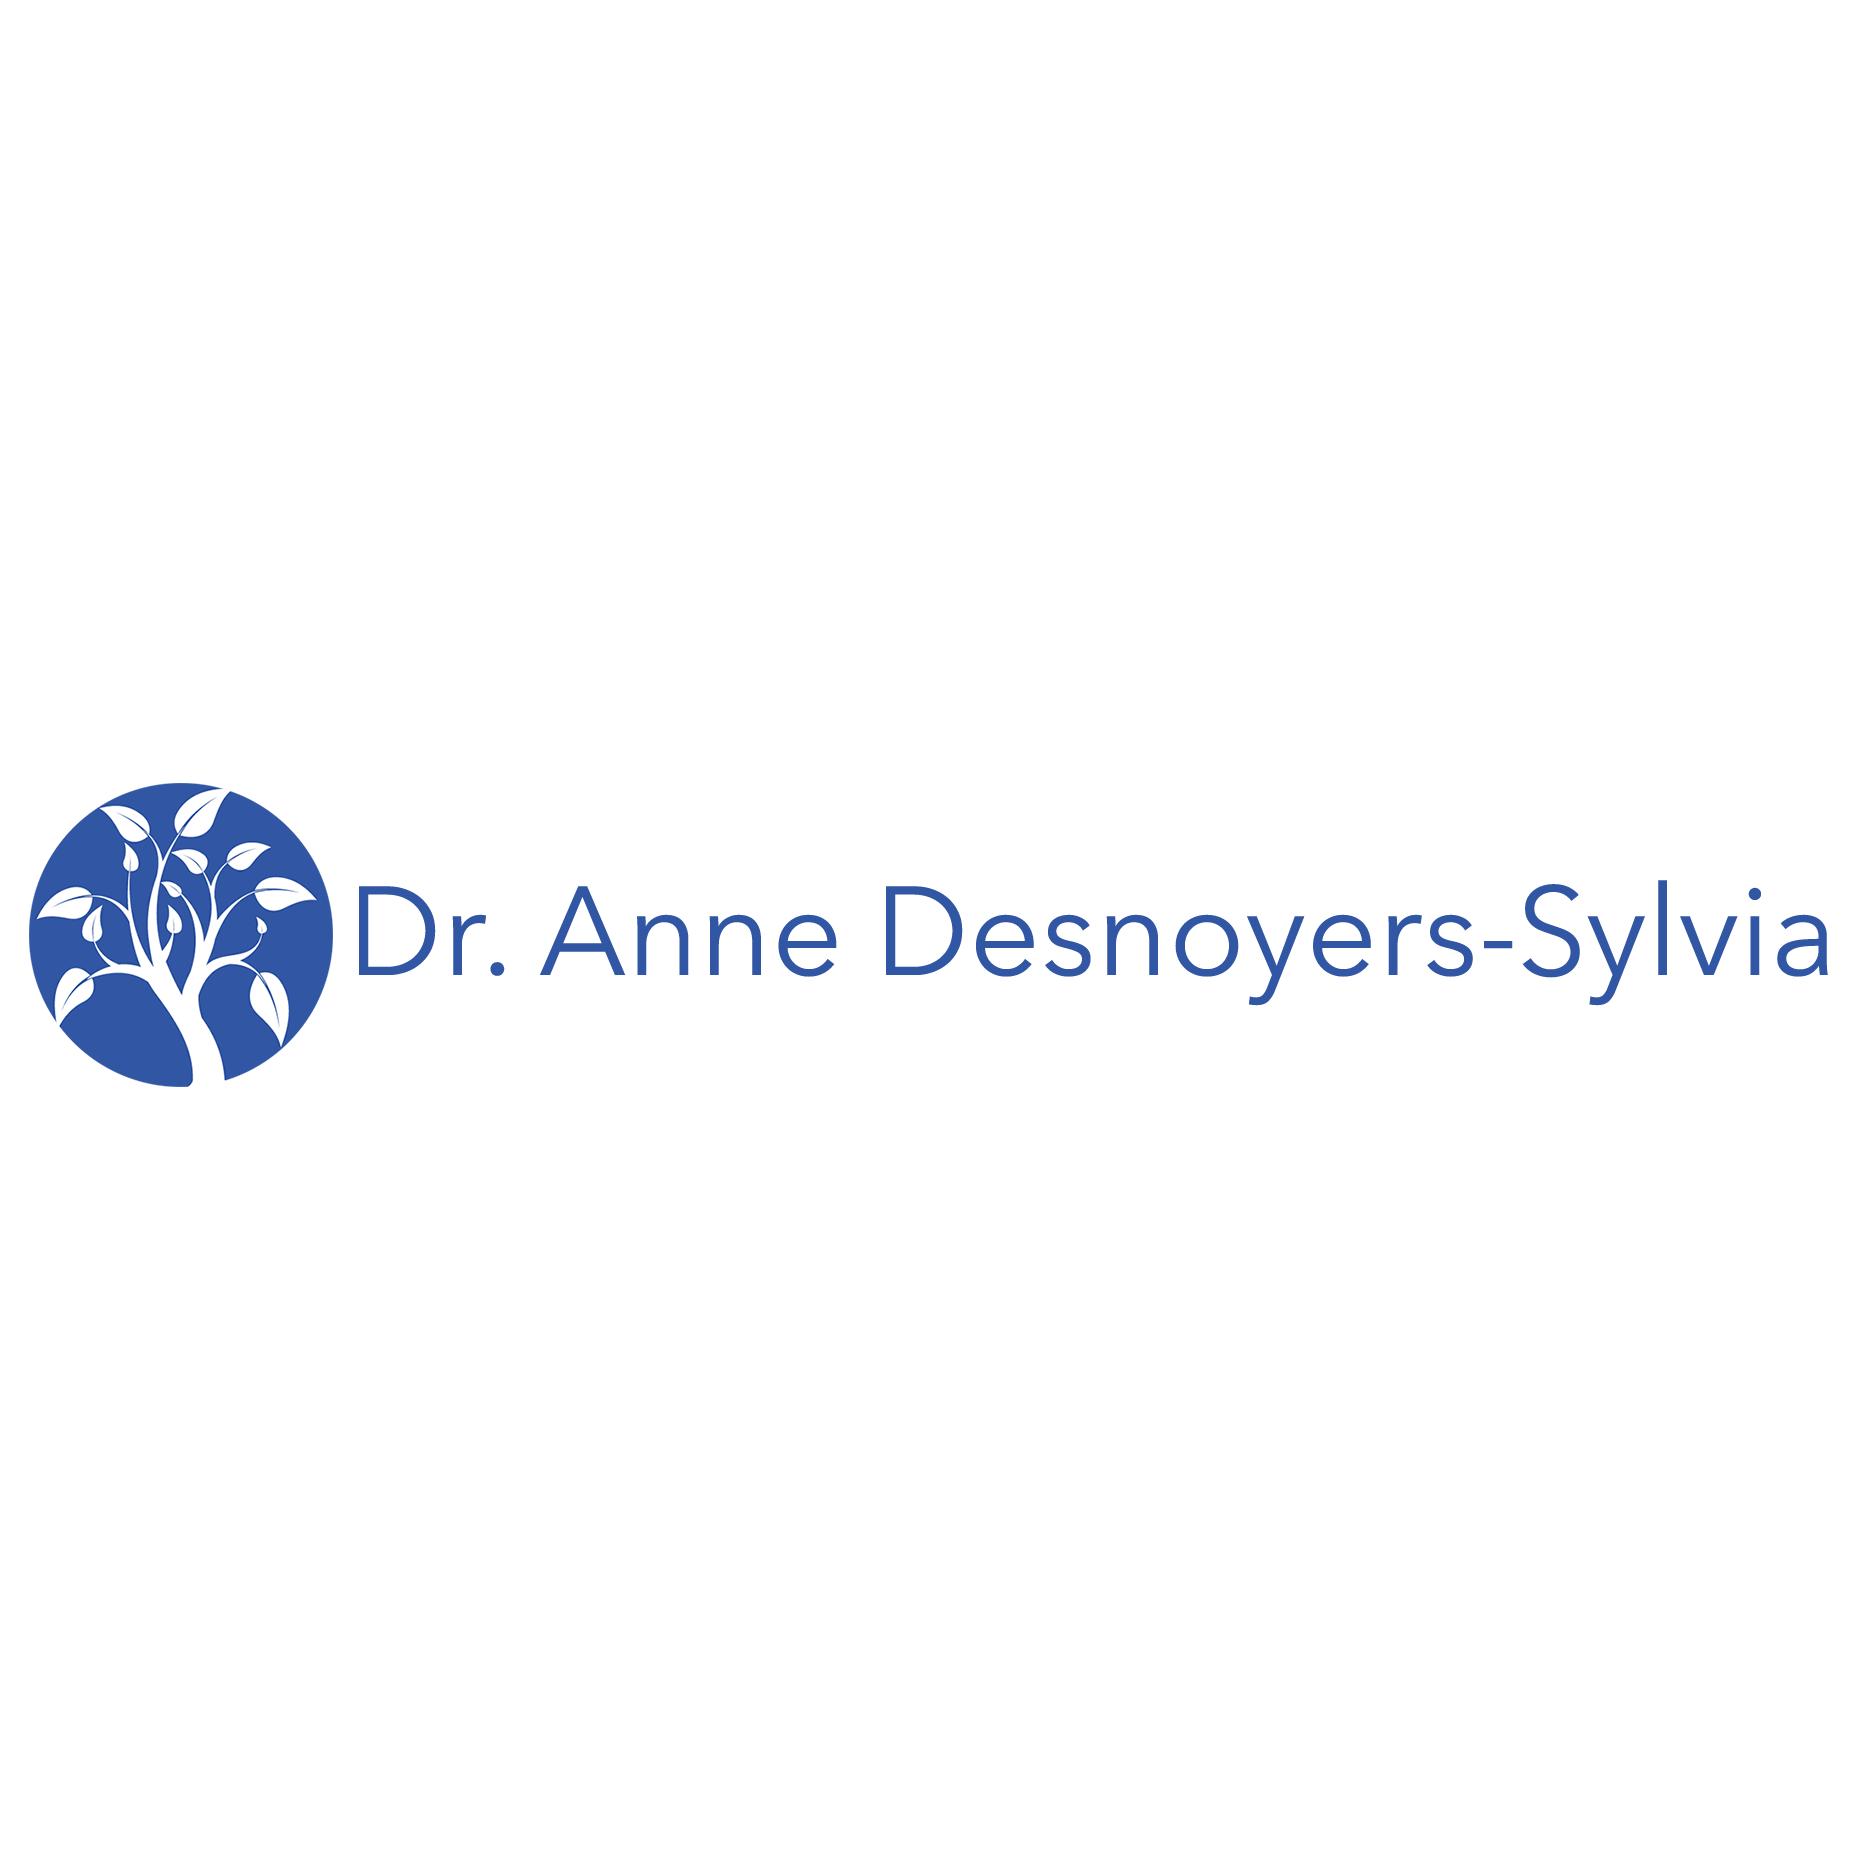 Dr. Anne Desnoyers-Sylvia